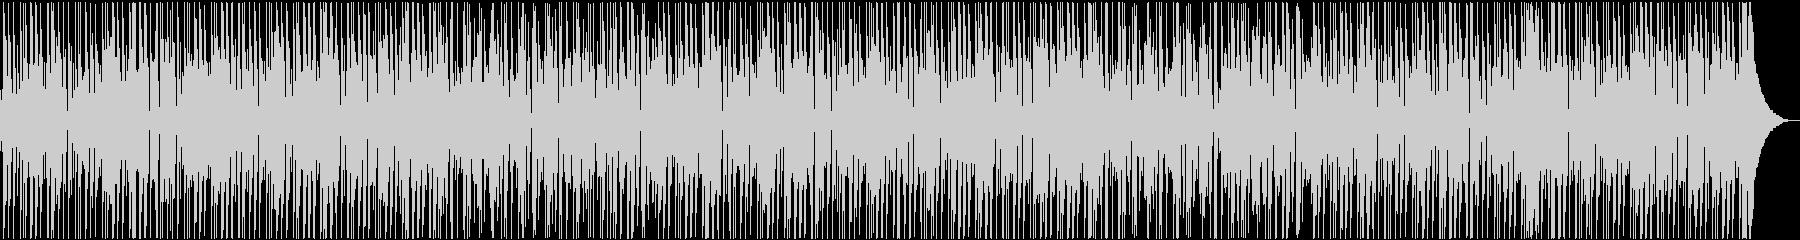 キレが良く、ファンキーなボサノバ風BGMの未再生の波形